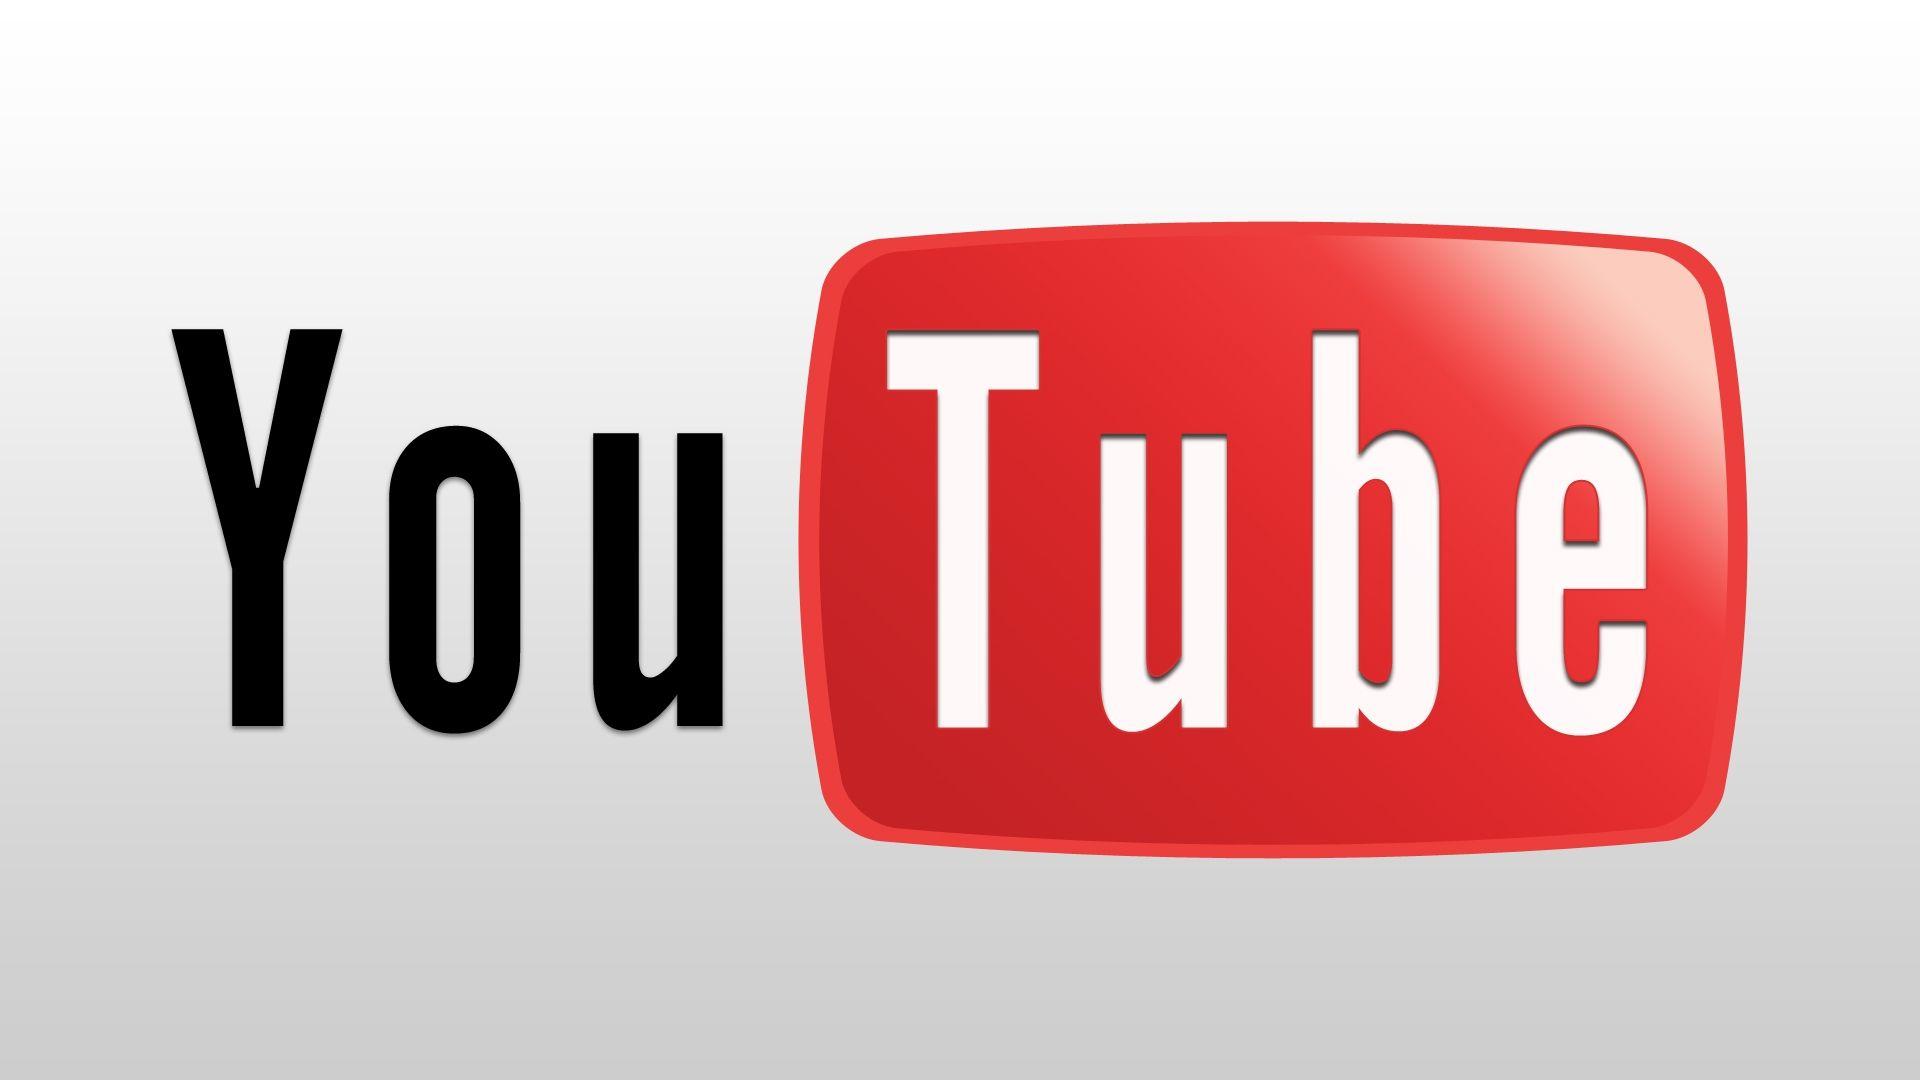 YouTube kanalının adı nasıl değiştirilir?